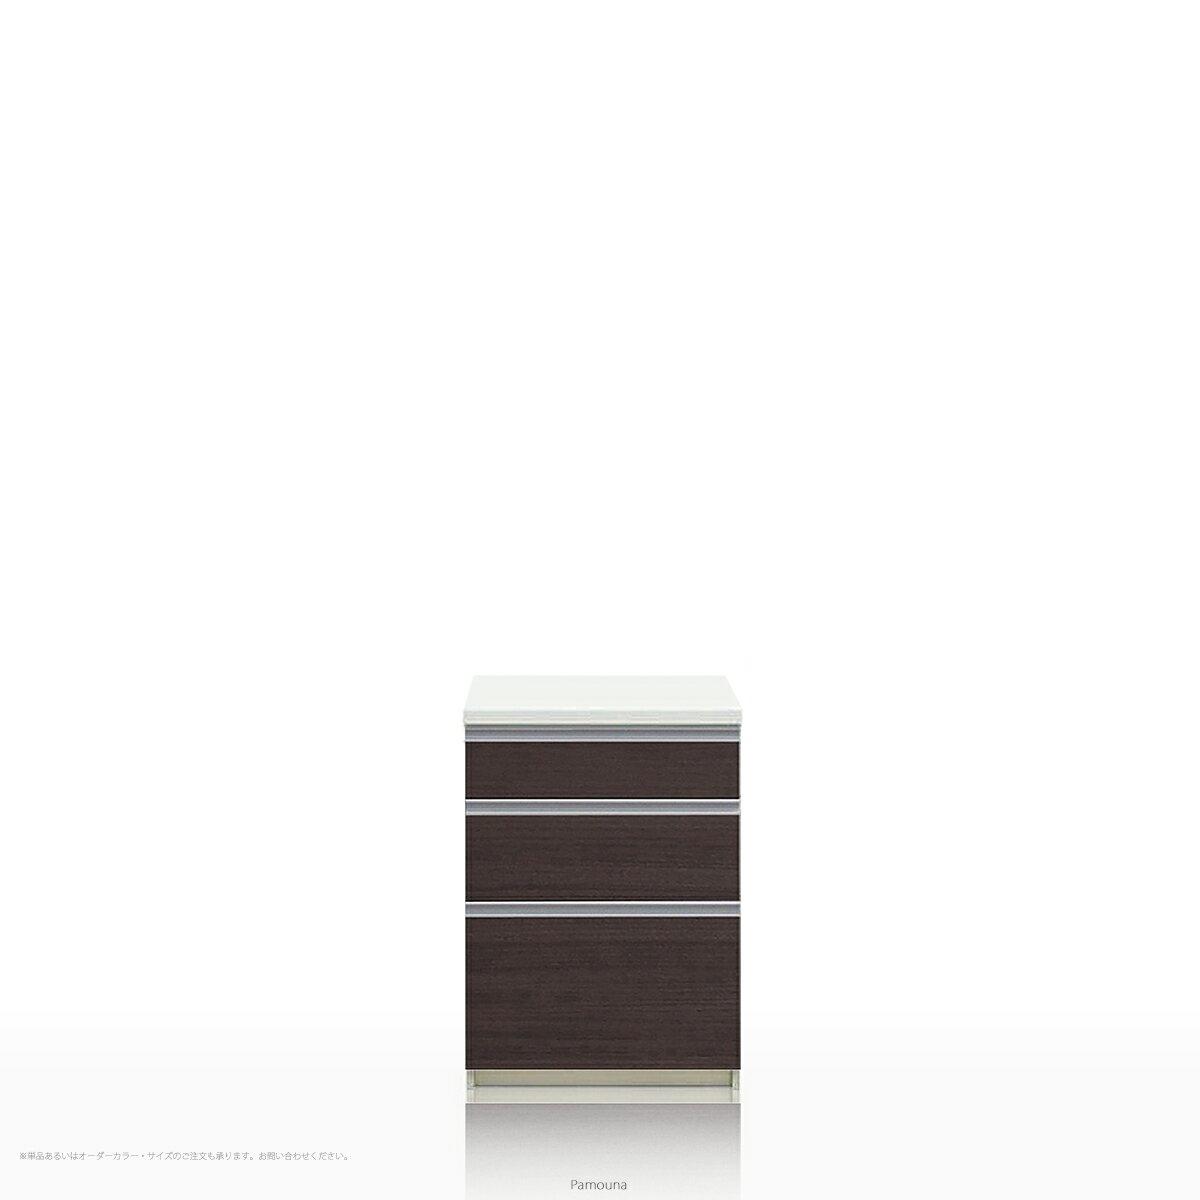 Pamouna(パモウナ) LFシリーズ LF-600K キッチンカウンター/食器棚の下台 (幅60cm, 奥行き50cm, カカオチェリー)【送料無料 ※対象地域(本州,九州,四国)】【同梱不可】